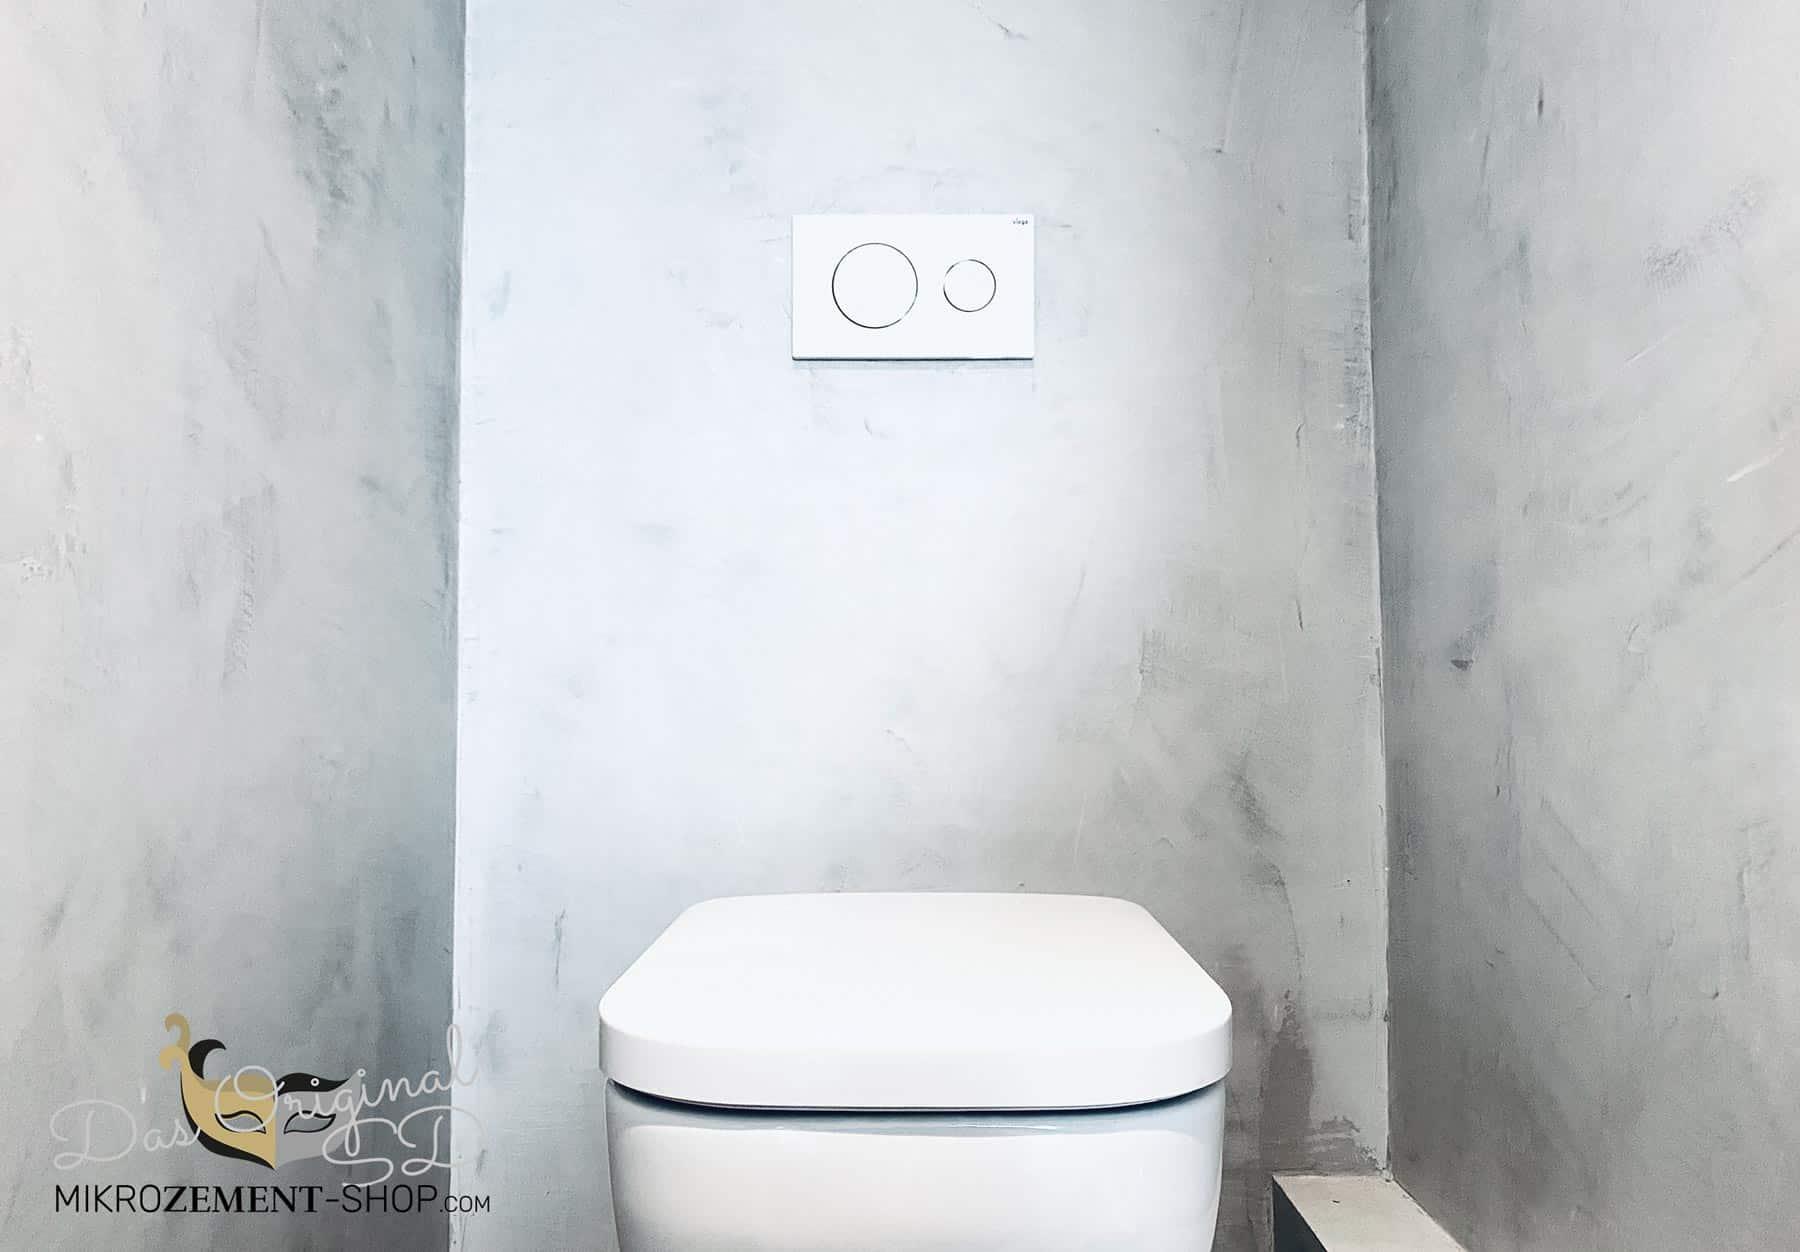 Mikrozement Microzement Gäste WC